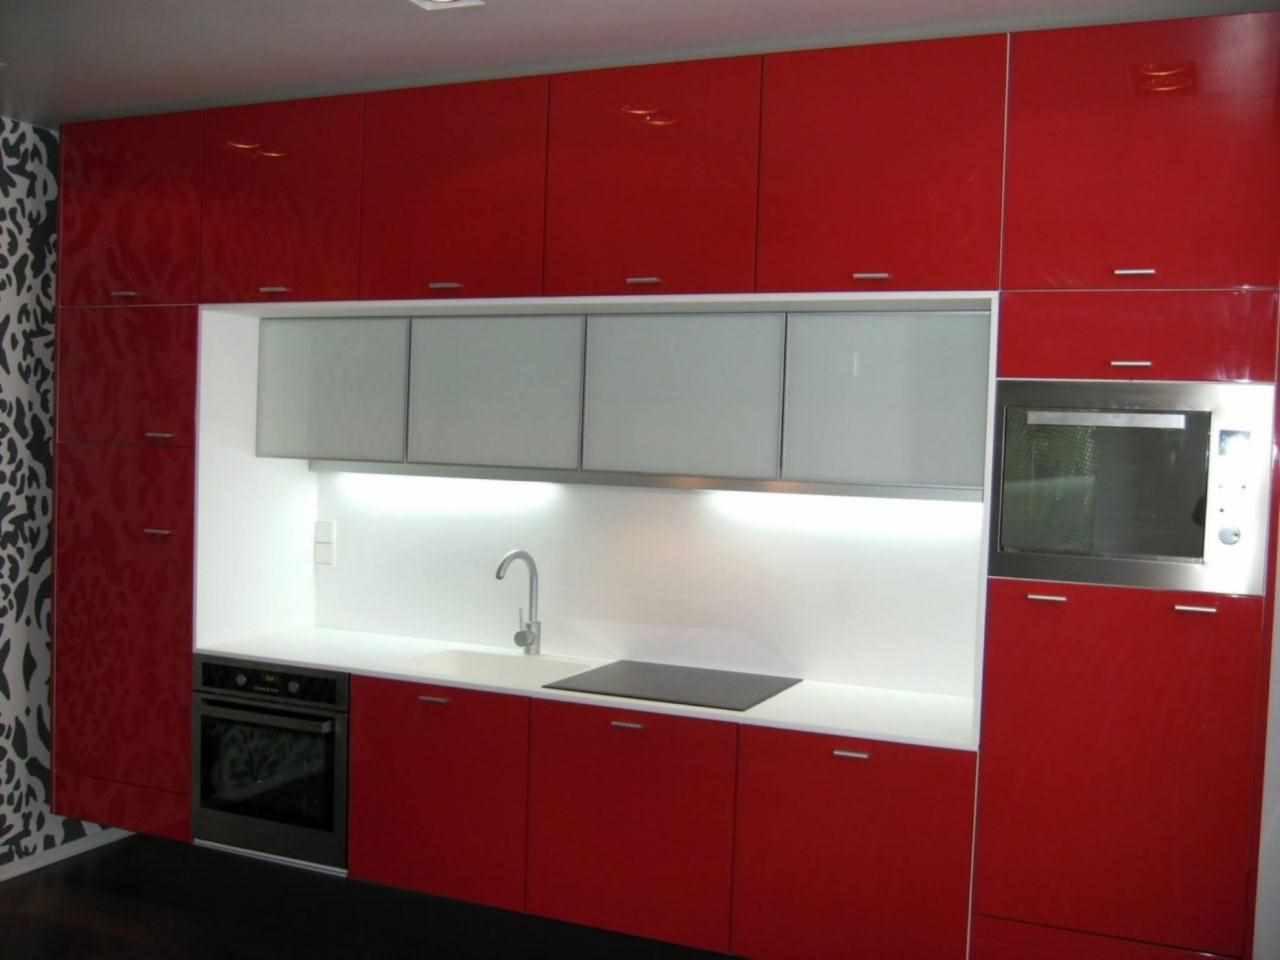 пример красивого интерьера красной кухни